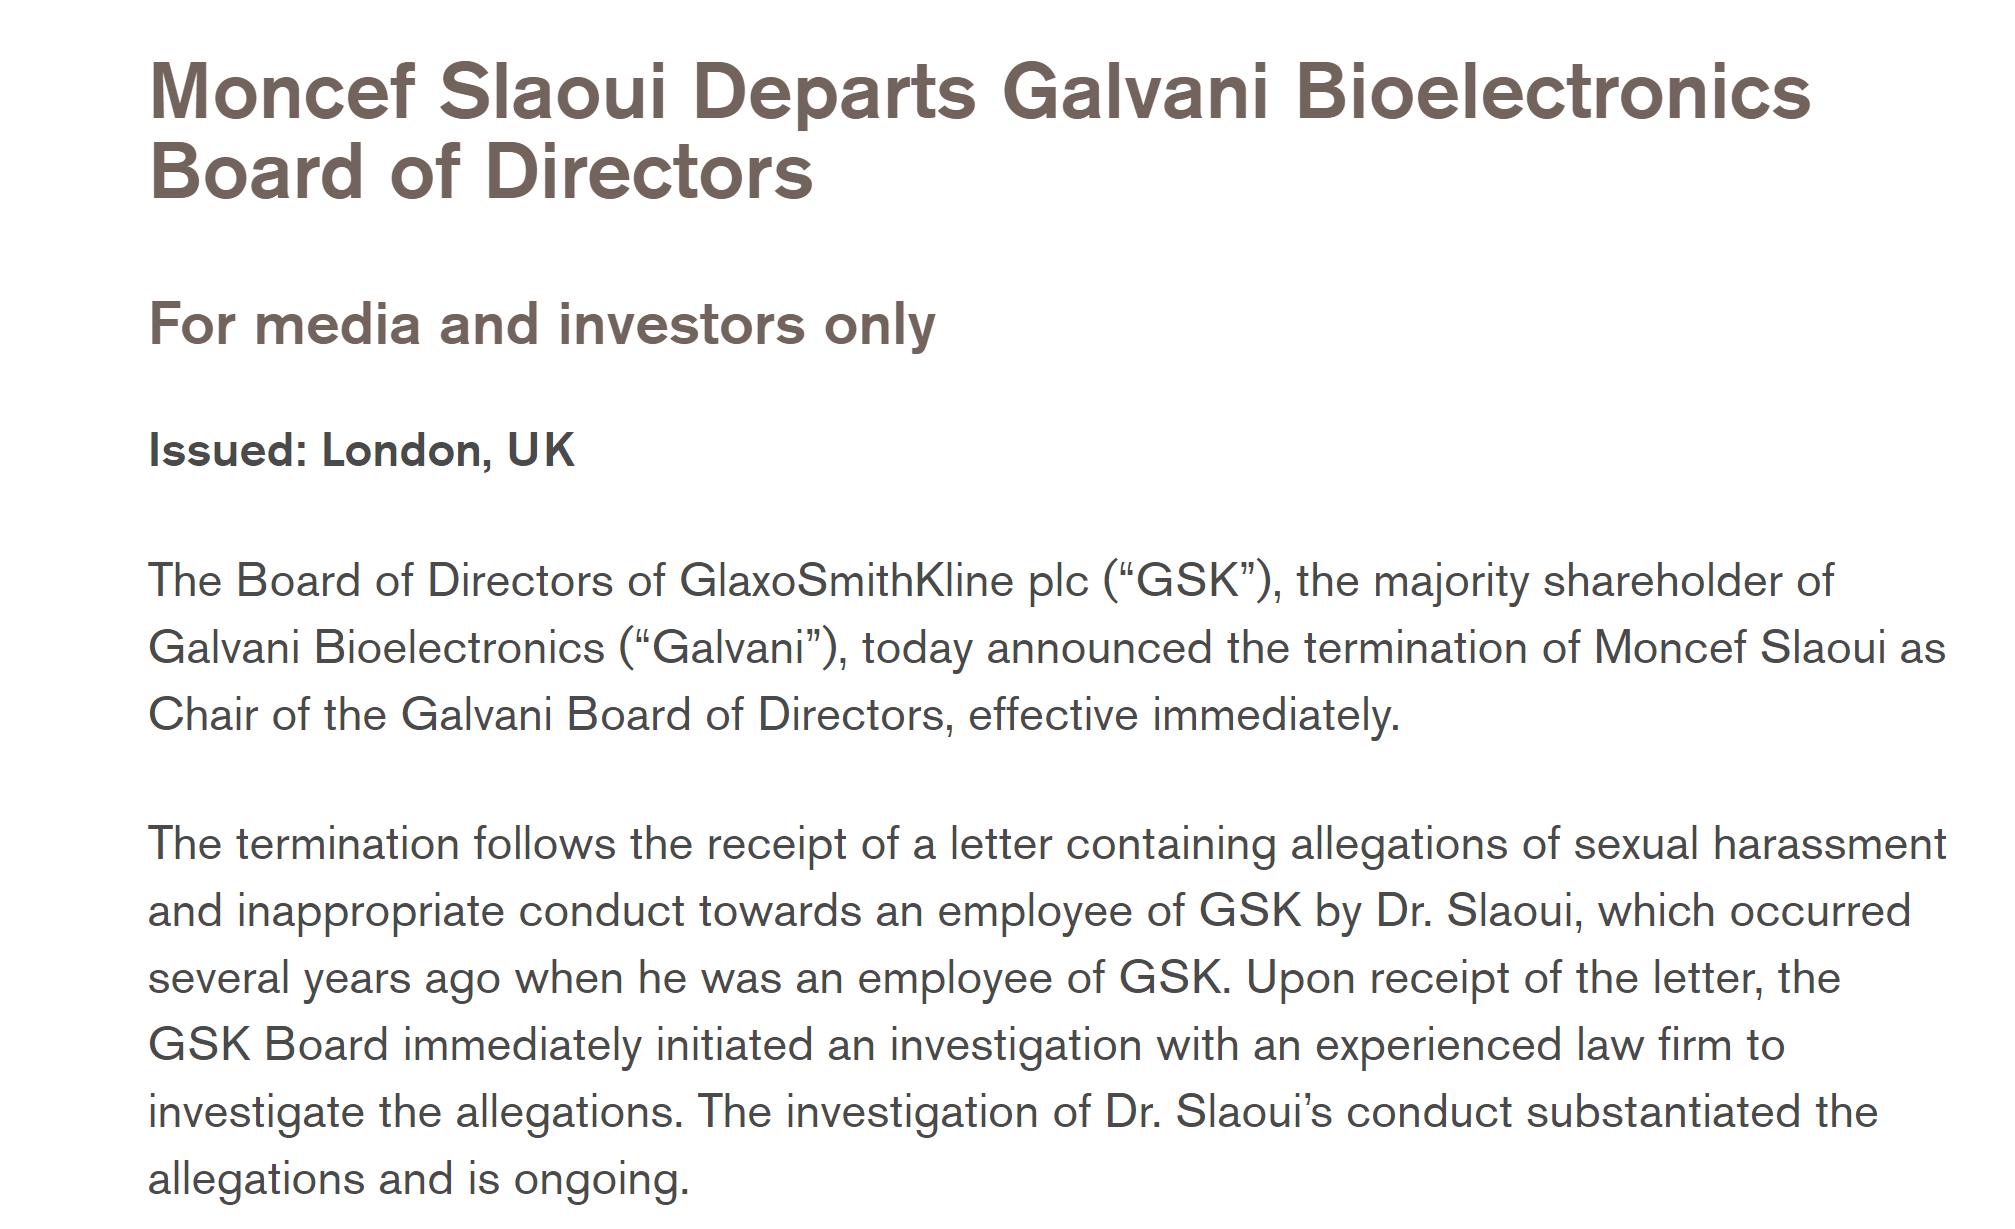 被曝存不当行为 前美国政府疫苗计划负责人遭葛兰素史克开除